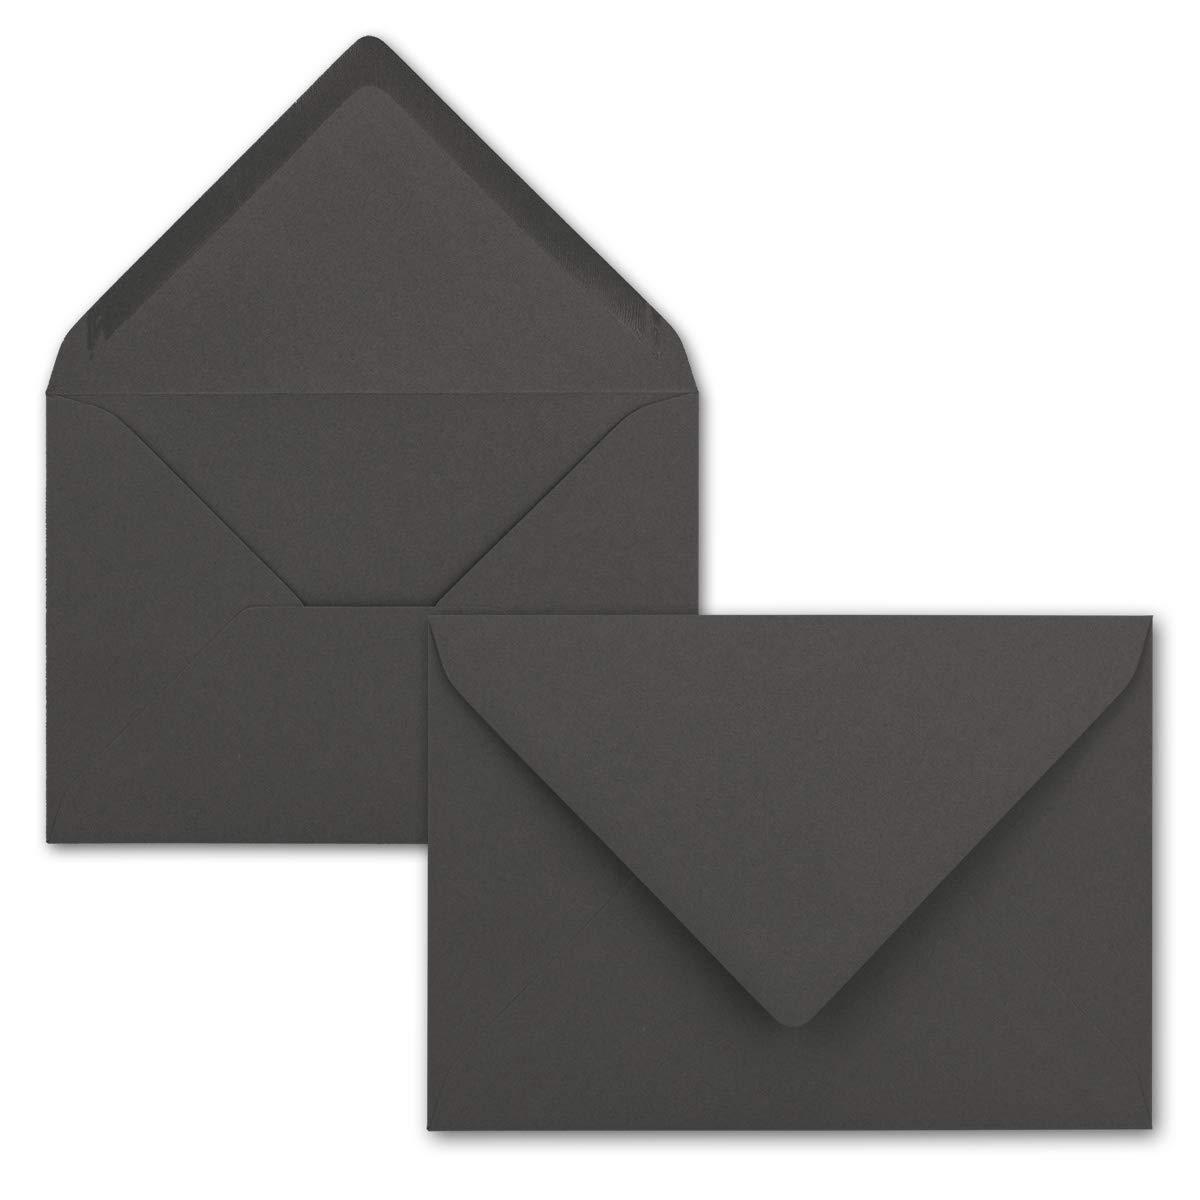 Serie FarbenFroh/® DIN C6-114 x 162 mm Kuverts mit Nassklebung ohne Fenster f/ür Gru/ß-Karten /& Einladungen Graphit//Dunkel-Grau 75 Brief-Umschl/äge